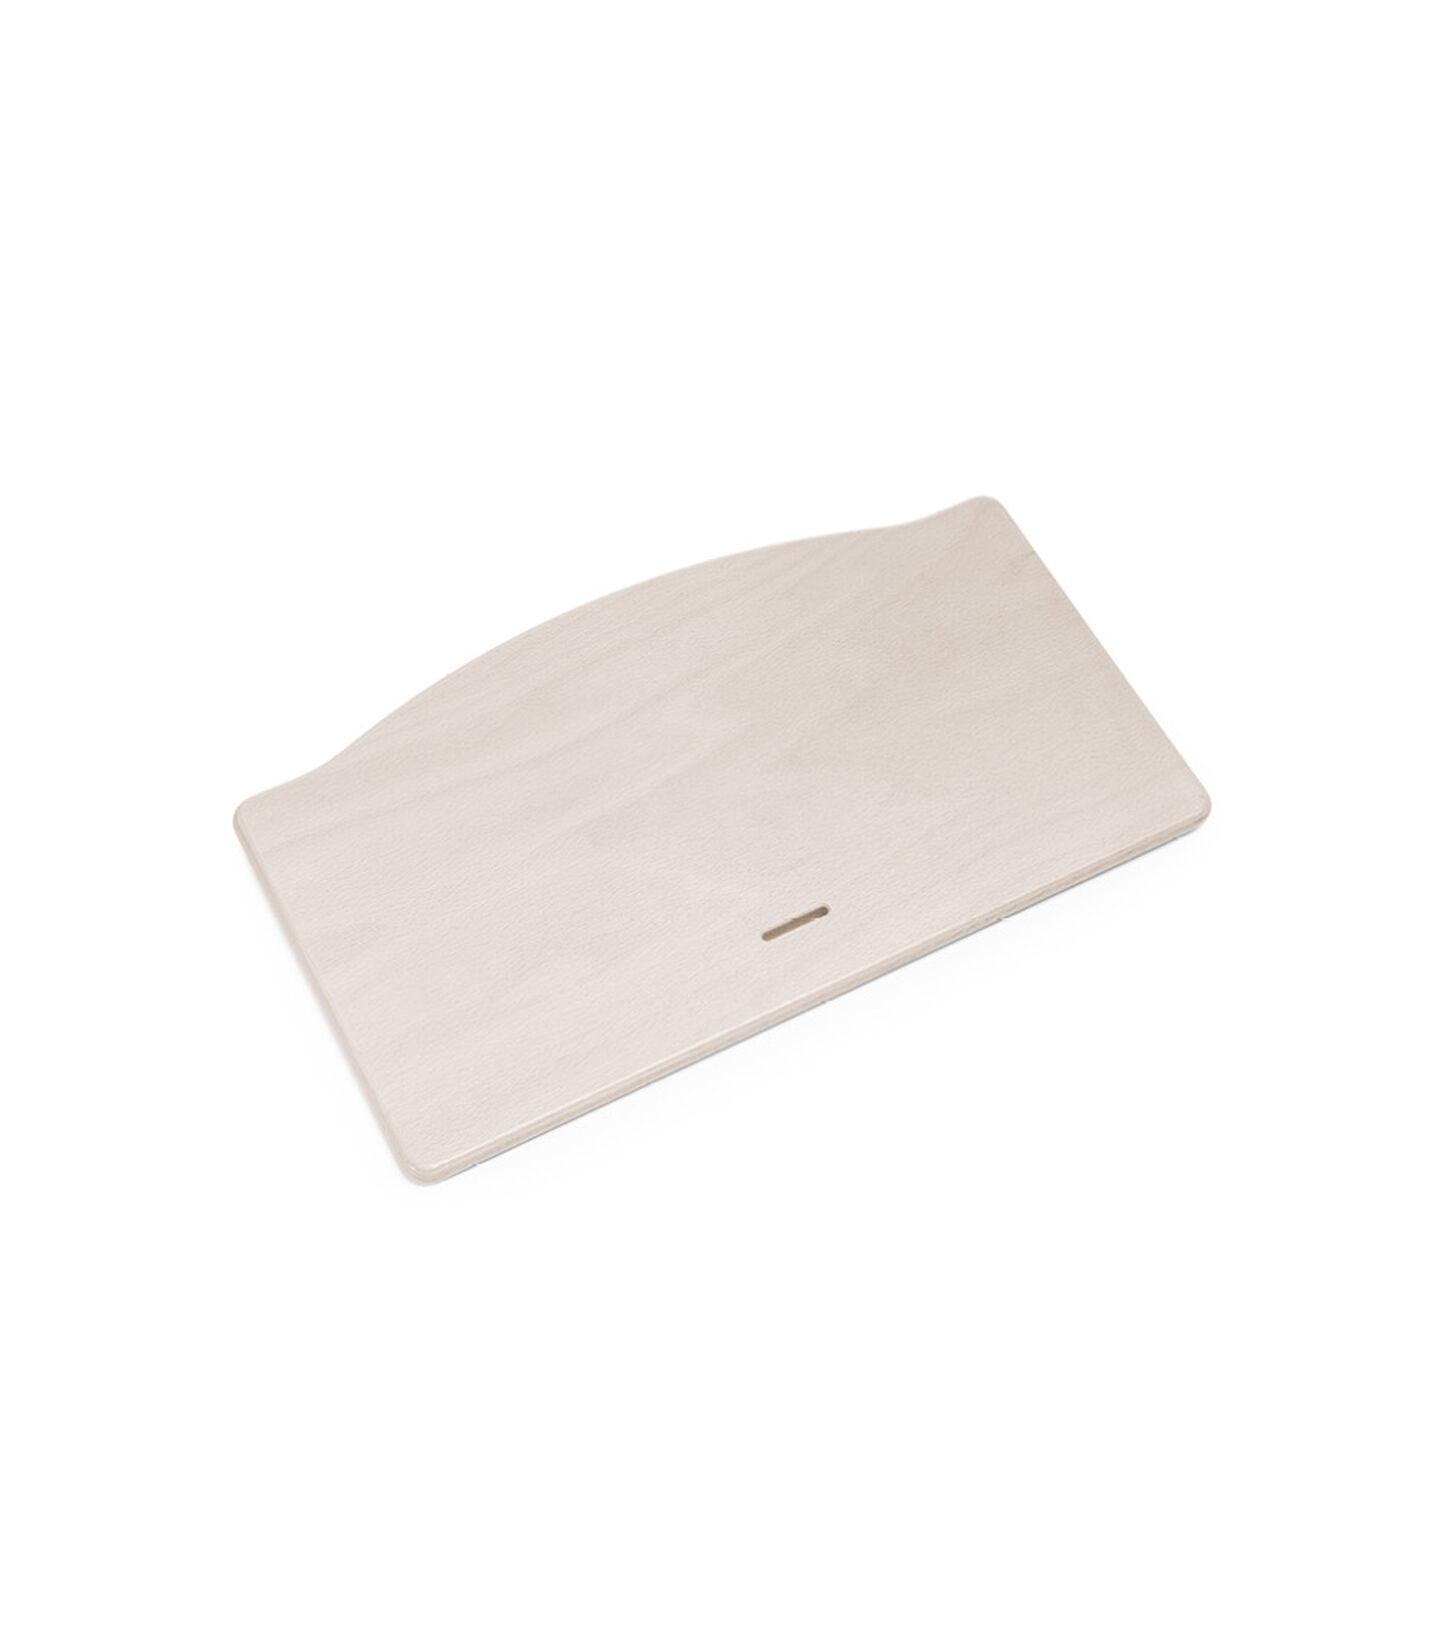 Tripp Trapp® Seggiolinoplate Bianco Calce, Bianco Calce, mainview view 2